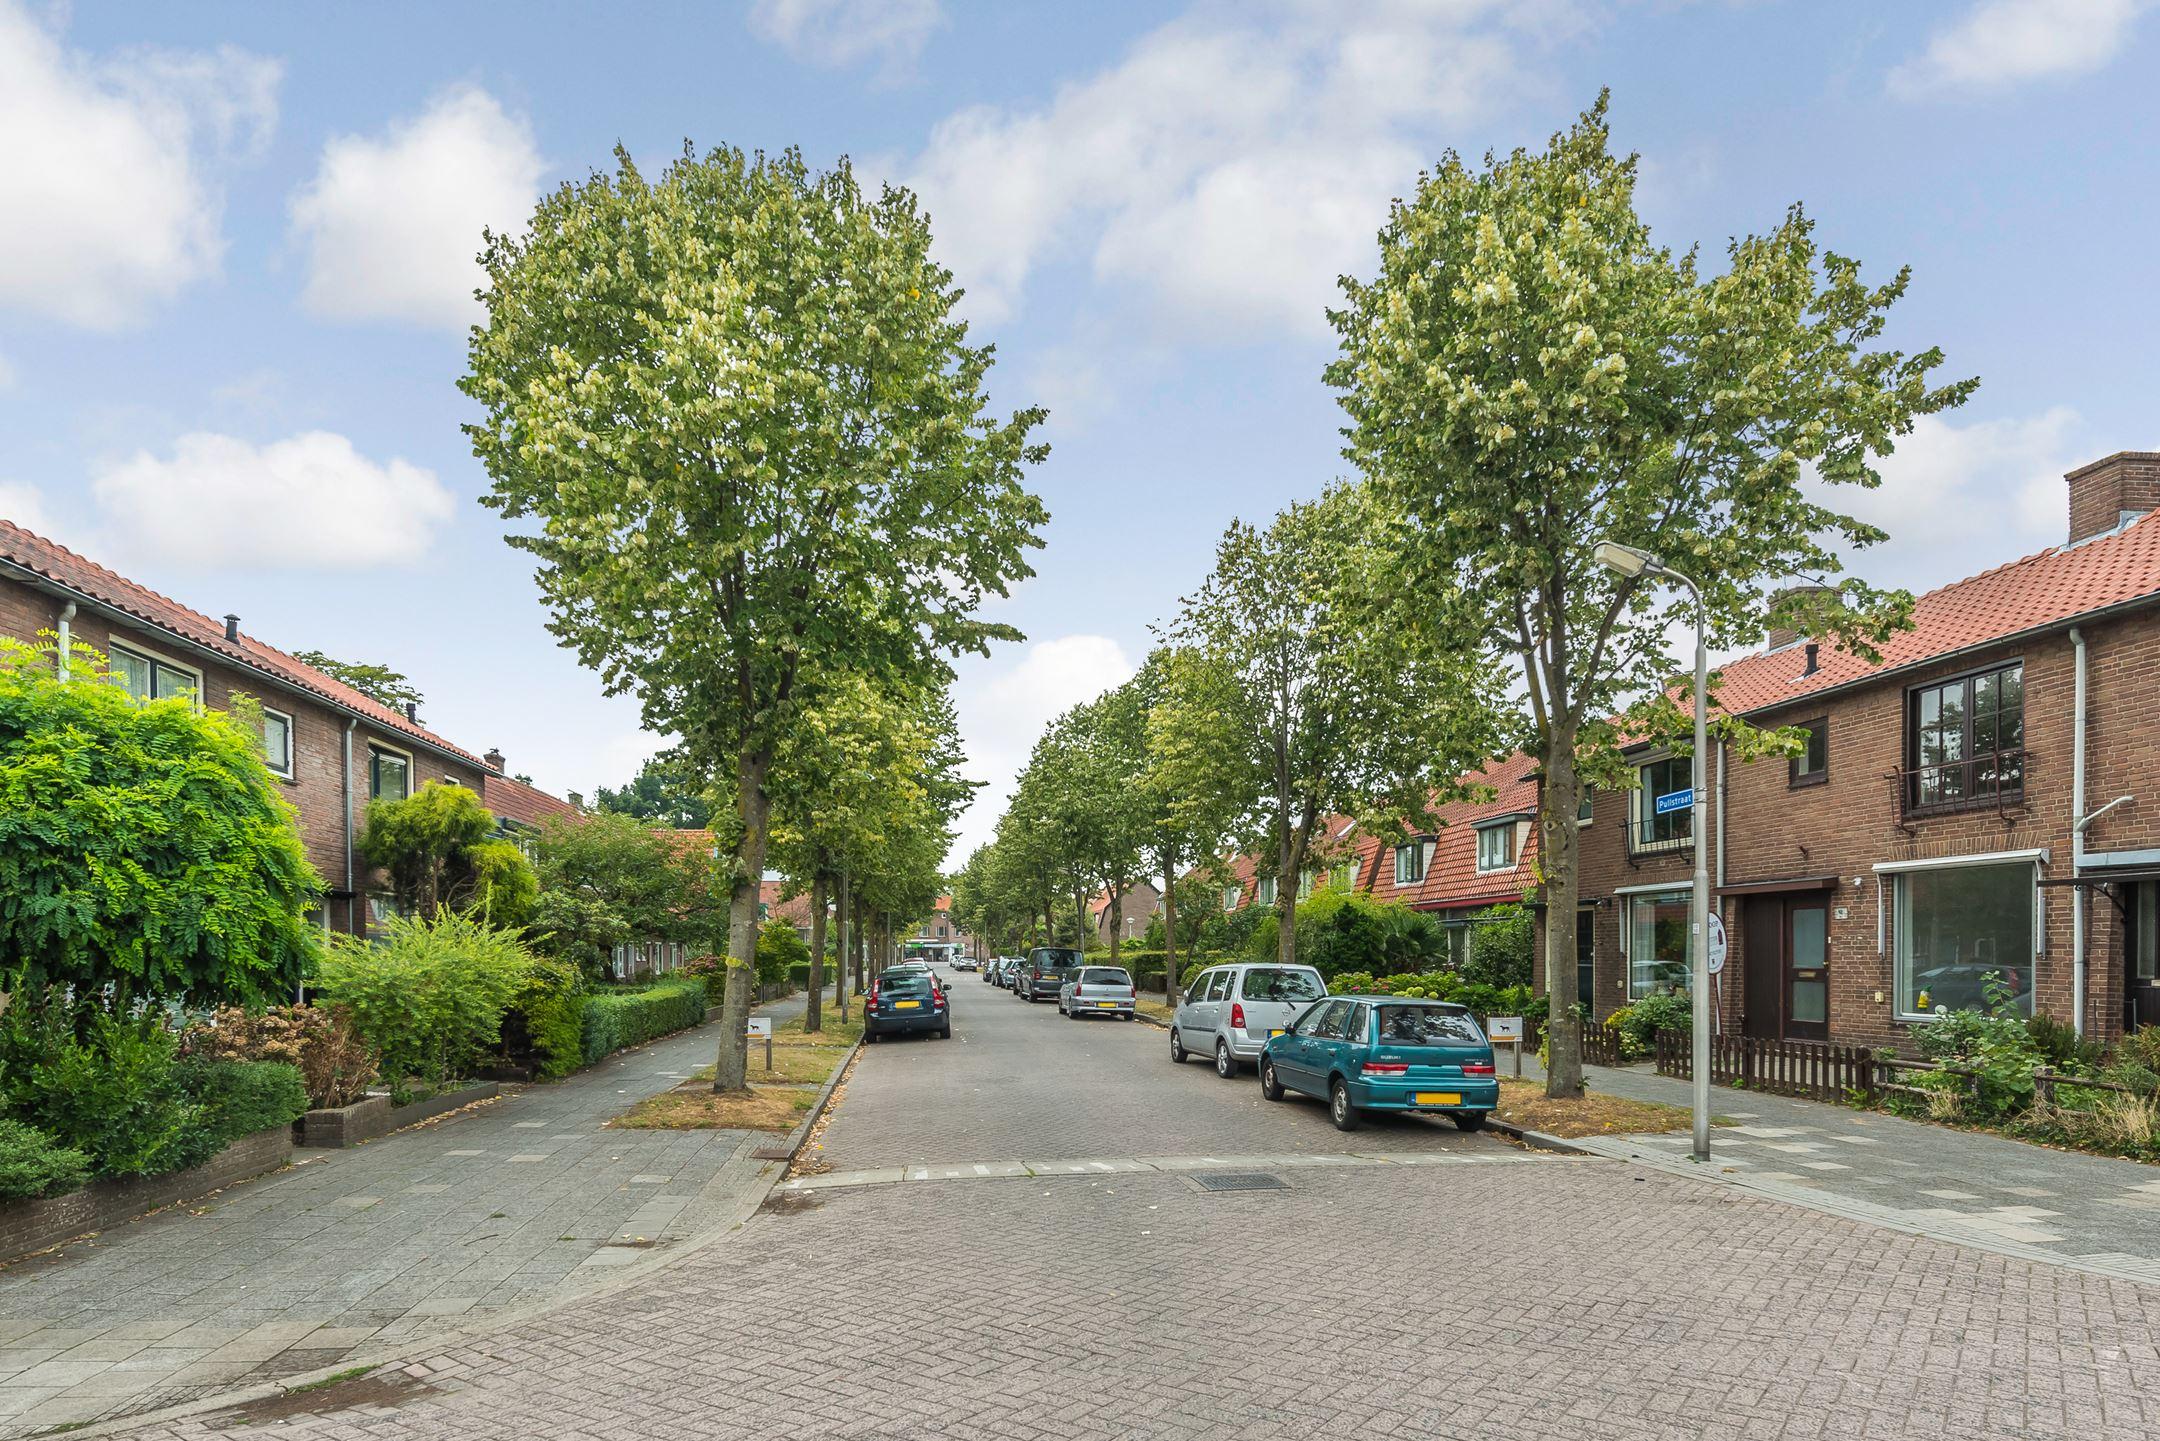 Huis te koop pullstraat 40 3814 vb amersfoort funda for Huizen te koop amersfoort